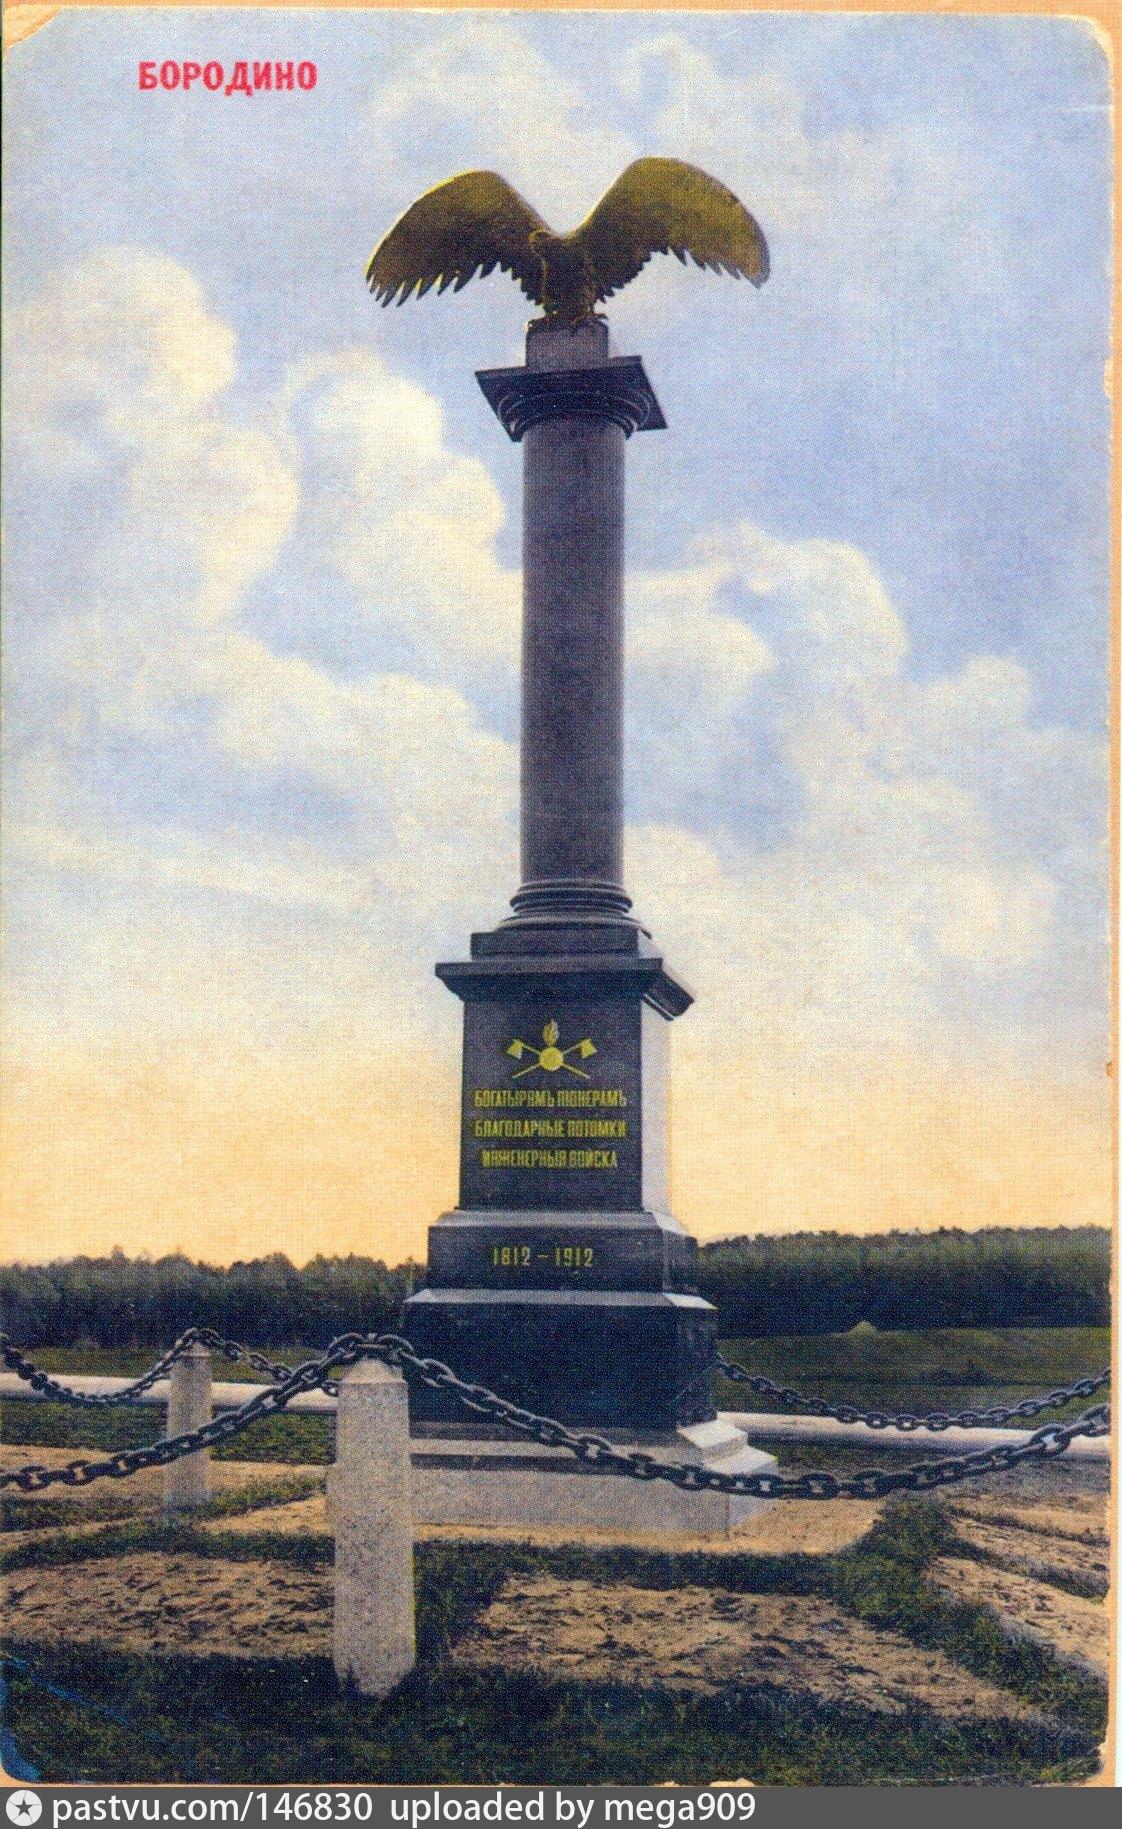 Открытки блестящие, памятники на поле бородино открытки до 1917г выпуска